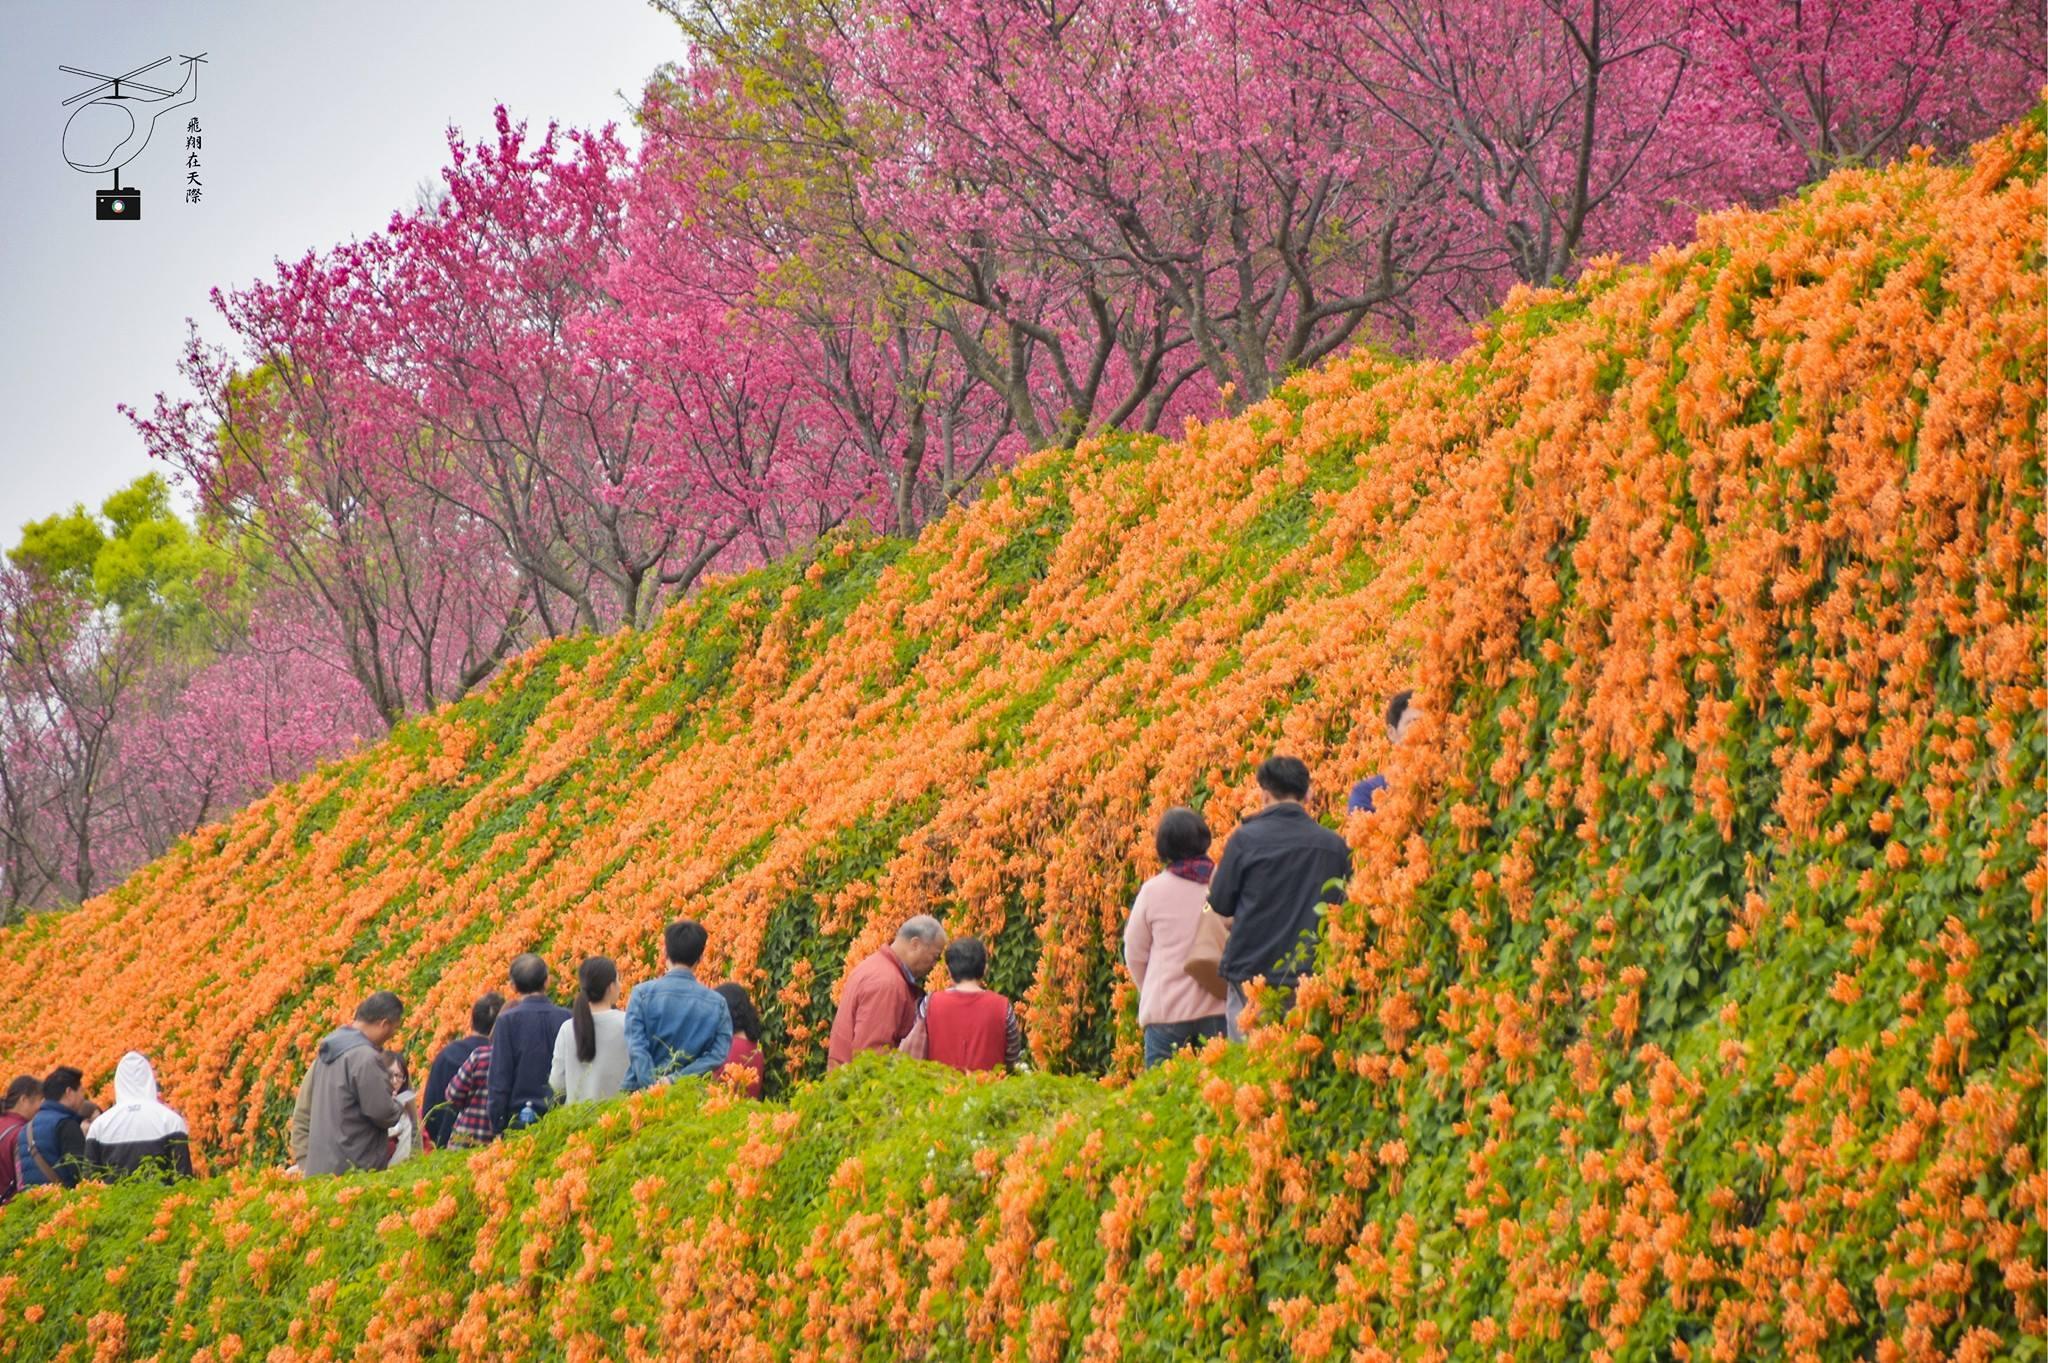 【初春微旅行】金黃色的鮮花瀑布「苗栗銅鑼炮仗花」爭奇鬥豔!